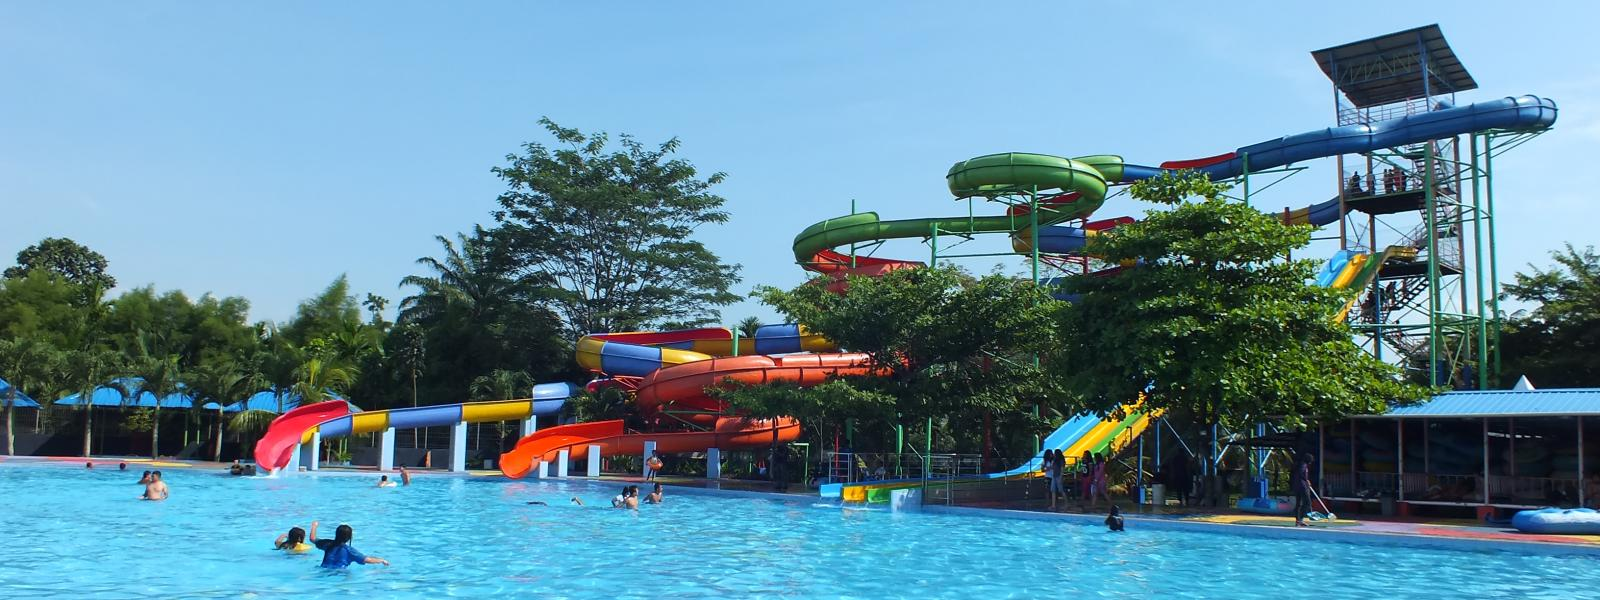 Wahana Waterpark Medan Patut Kamu Kunjungi Tamora Indah Tanjung Morawa